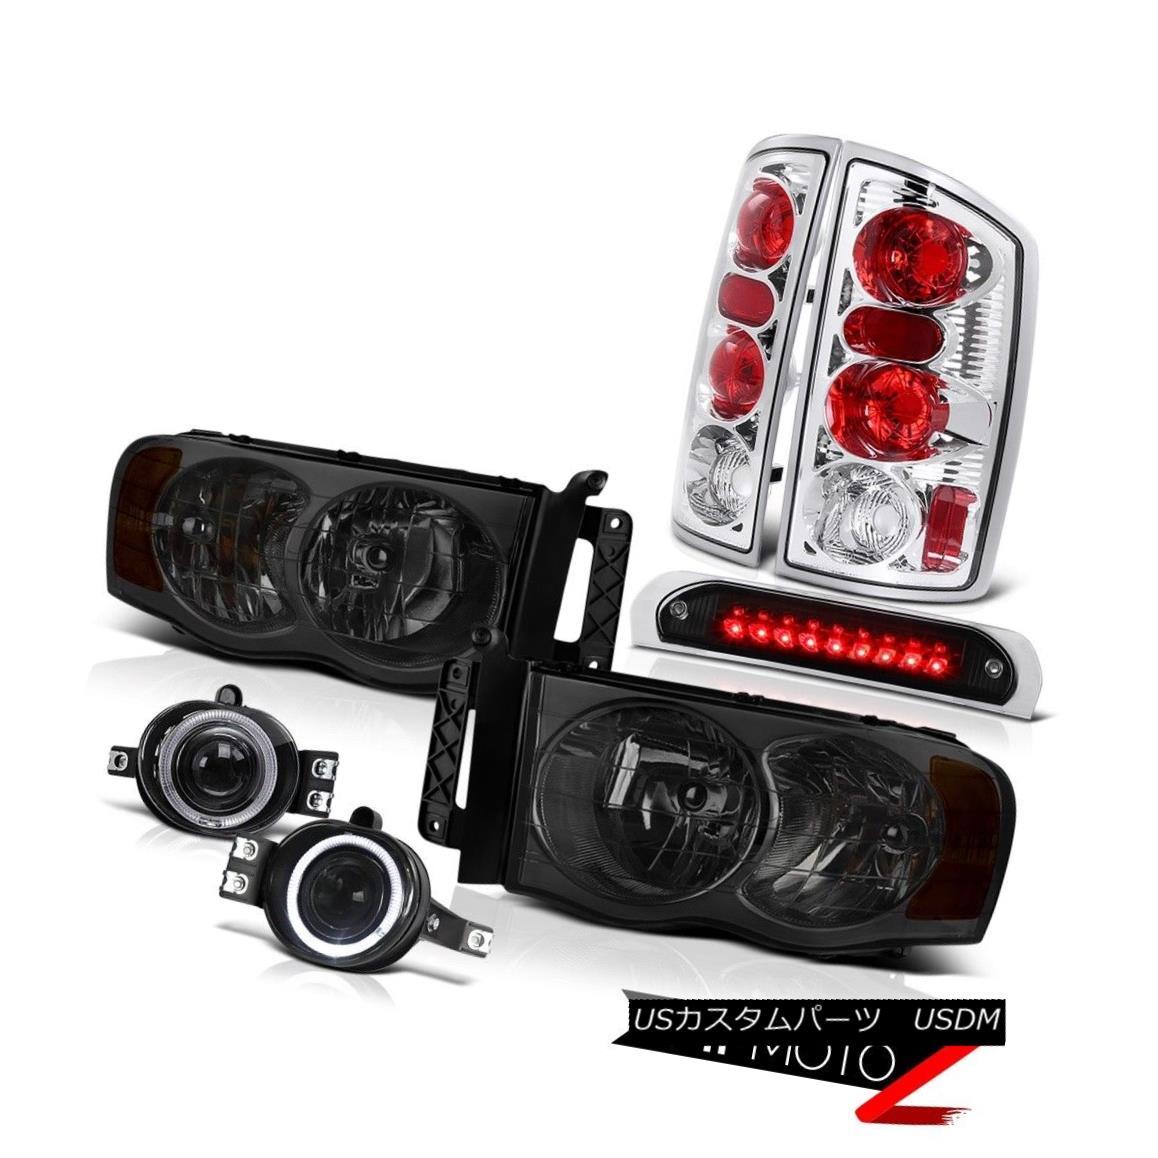 テールライト Tinted Headlights Reverse Brake Lamp Halo Fog Third Cargo LED 2002-2005 Ram 1500 着色ヘッドライトリバースブレーキランプHalo Fog Third Cargo LED 2002-2005 Ram 1500